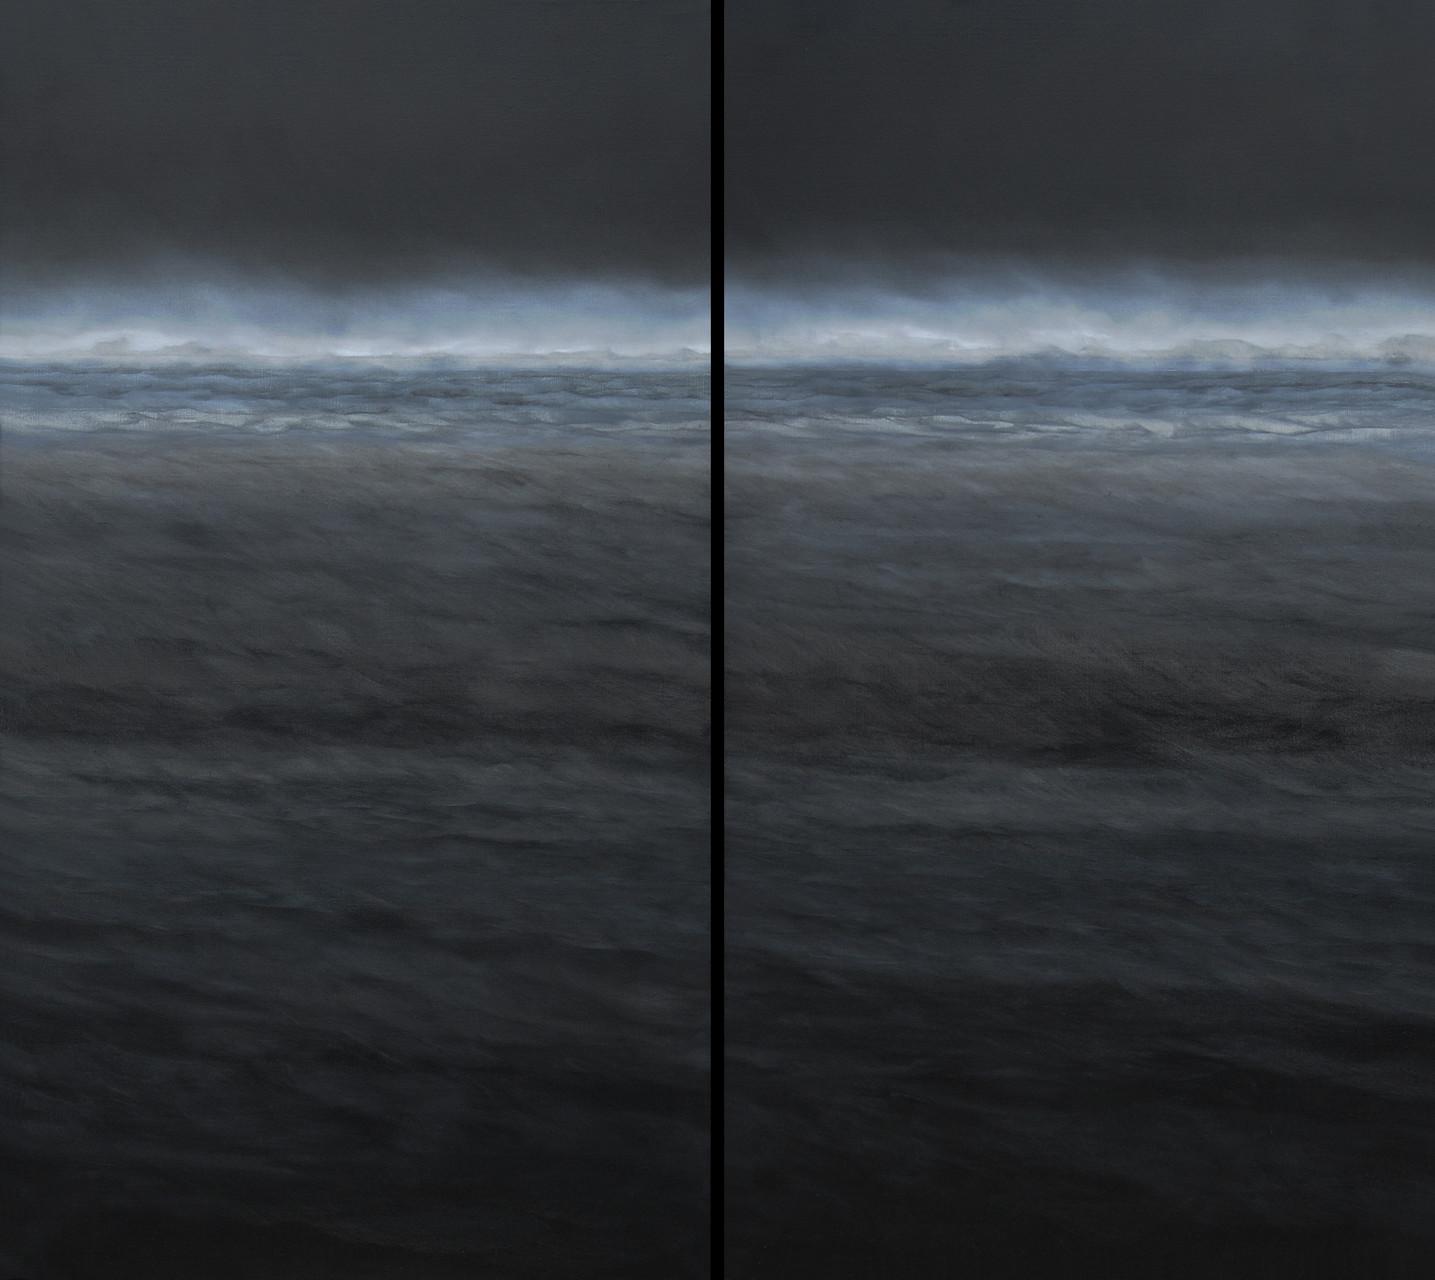 SCHWARZES WASSER, Diptychon, 2009, Öl/Lwd., 2 x 100 x 180cm